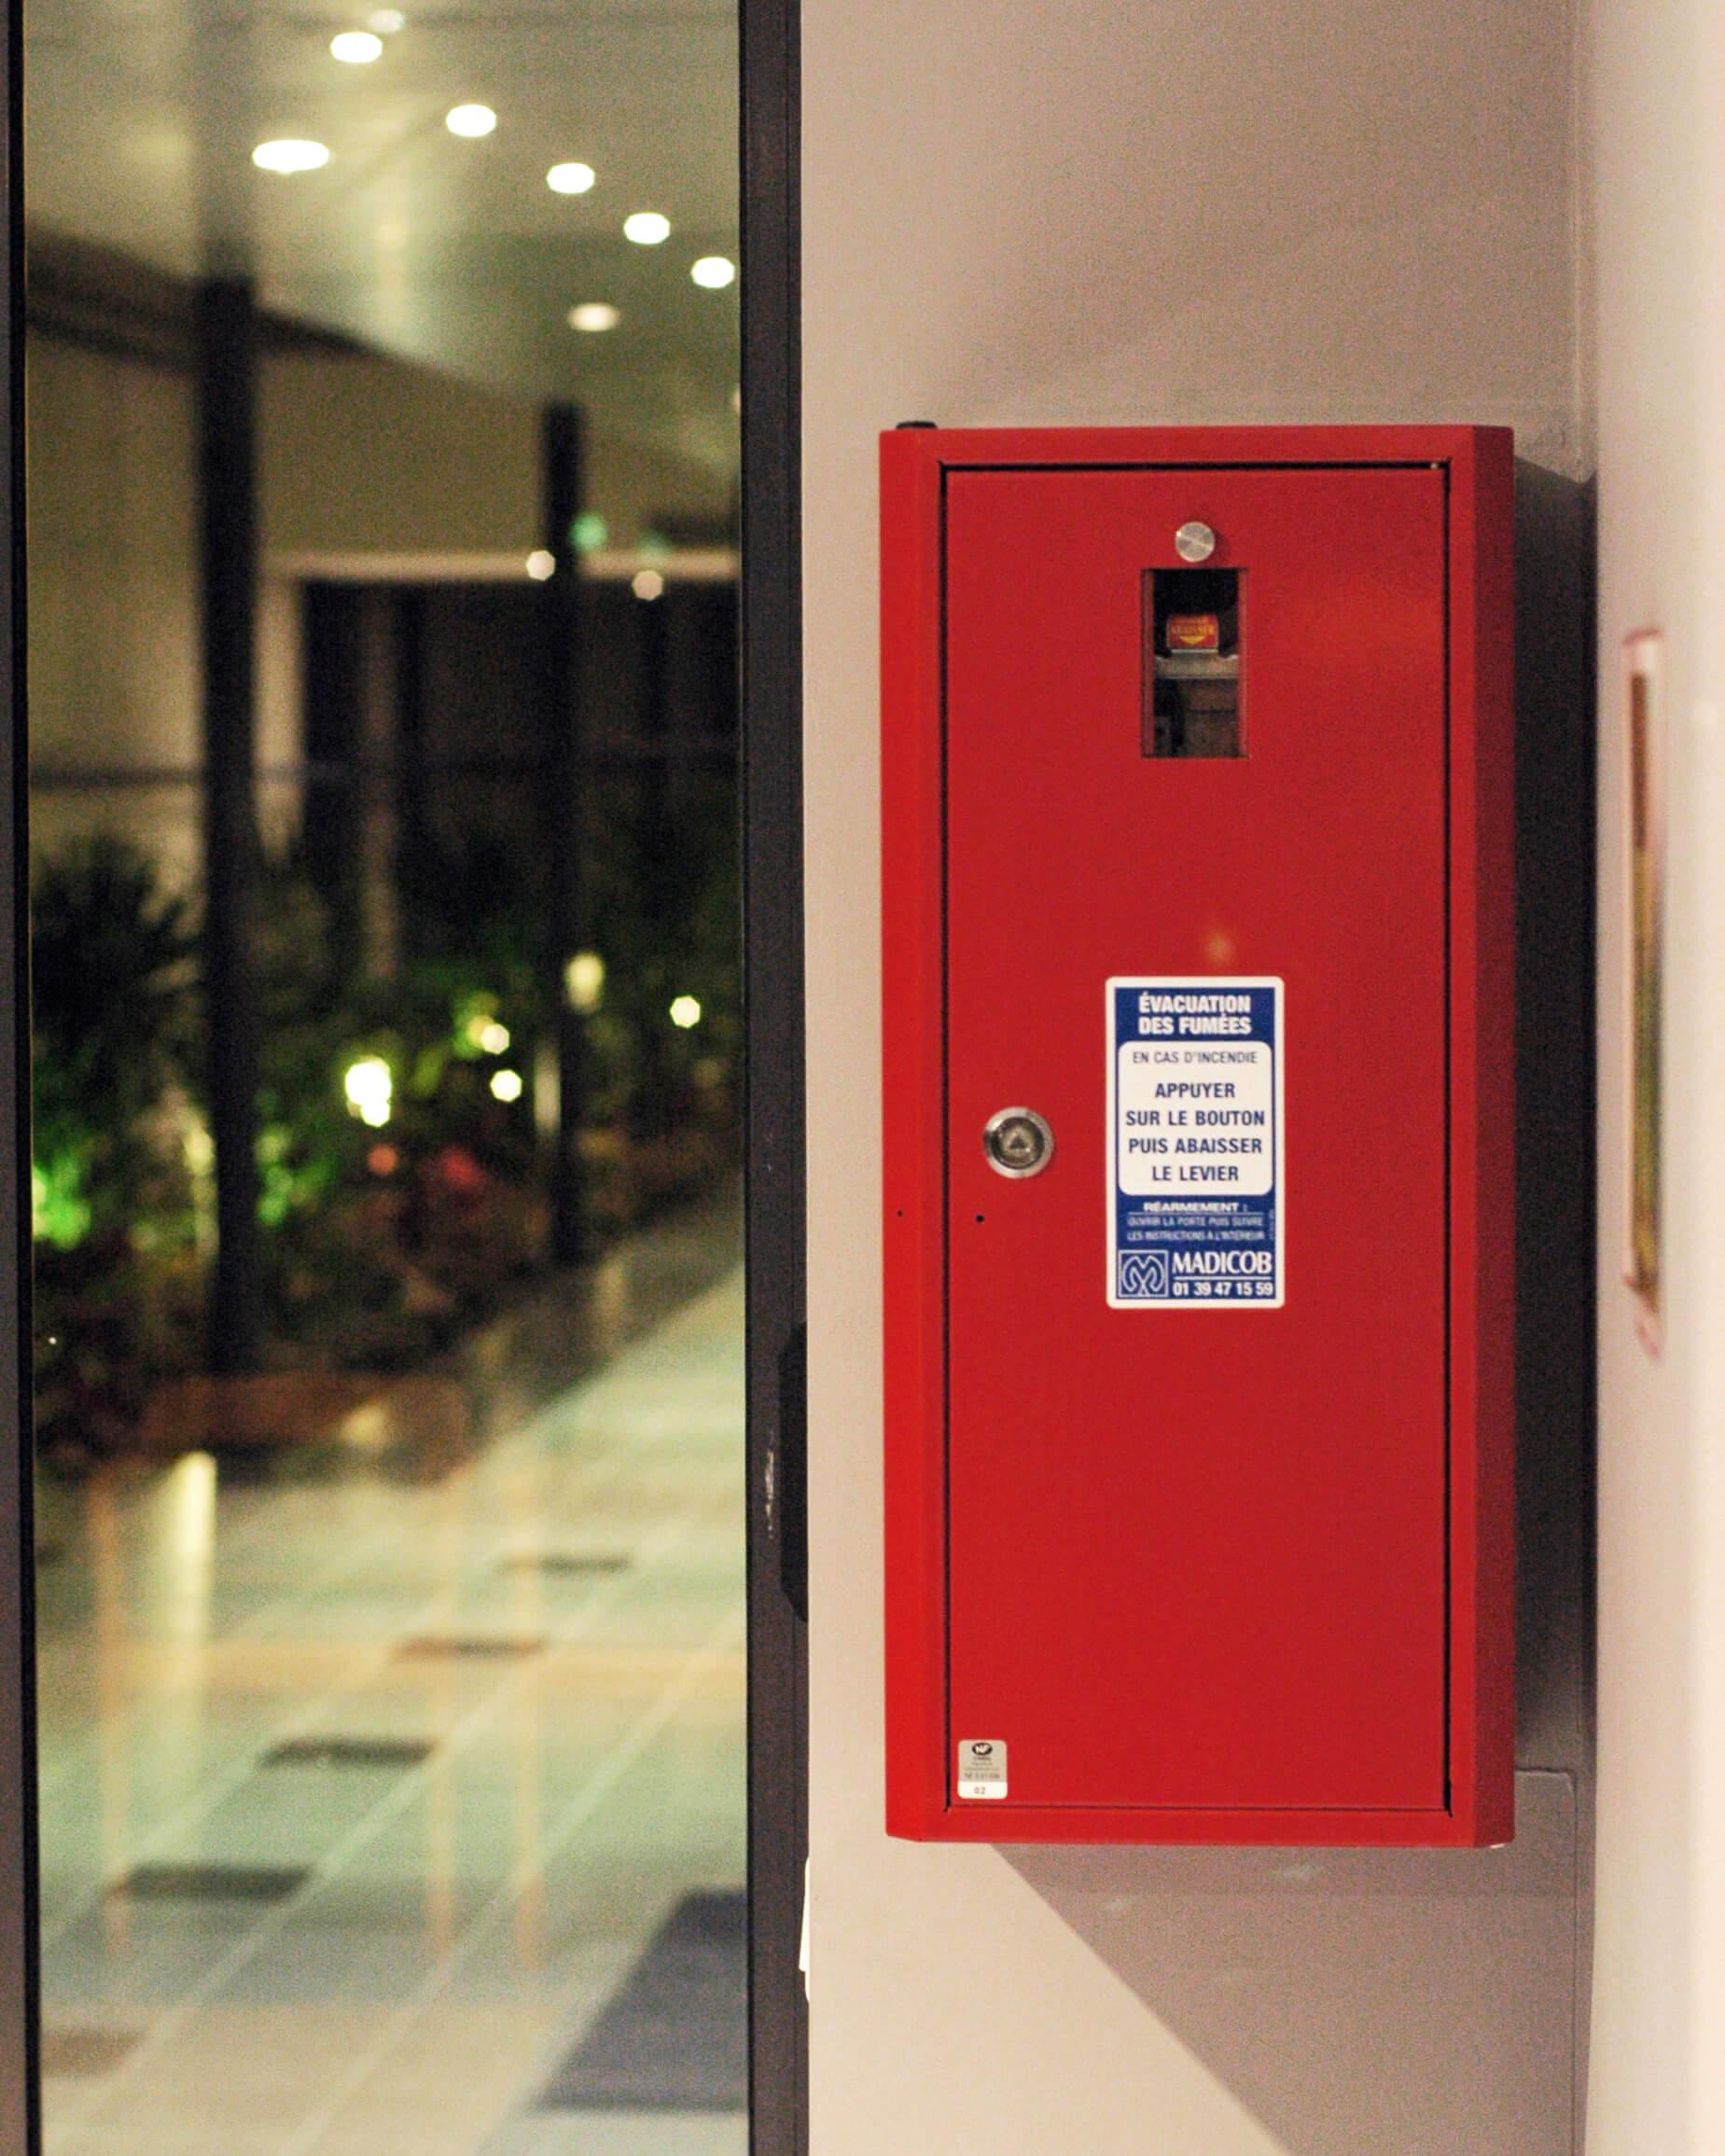 système de désenfumage - désenfumage - sécurité incendie - paris